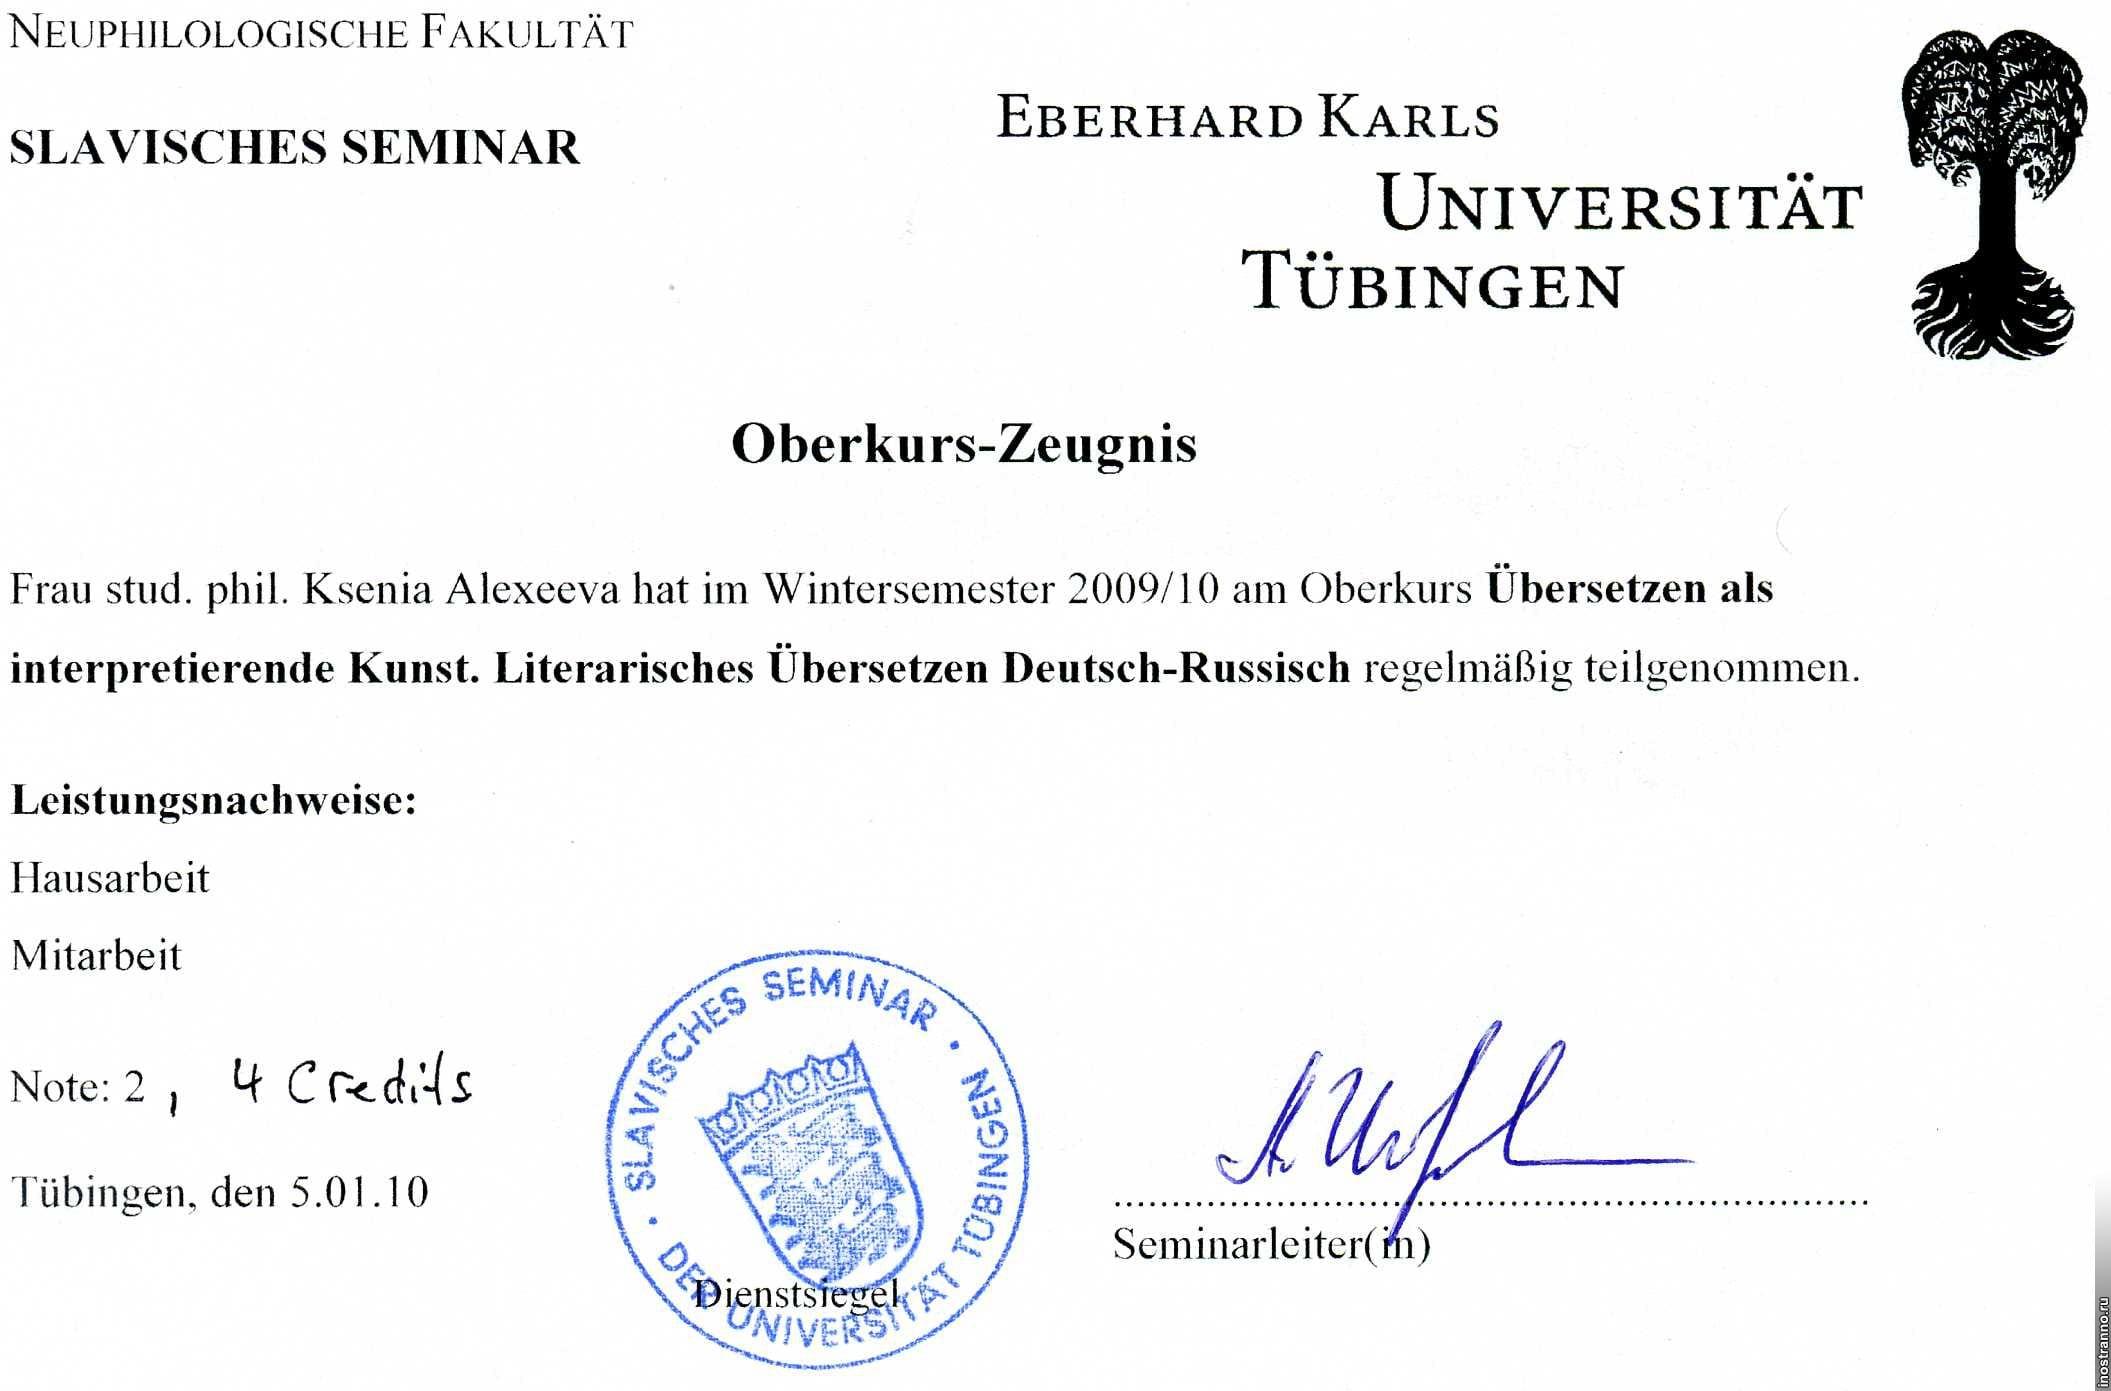 Справка об обучении в ВУЗе в германии